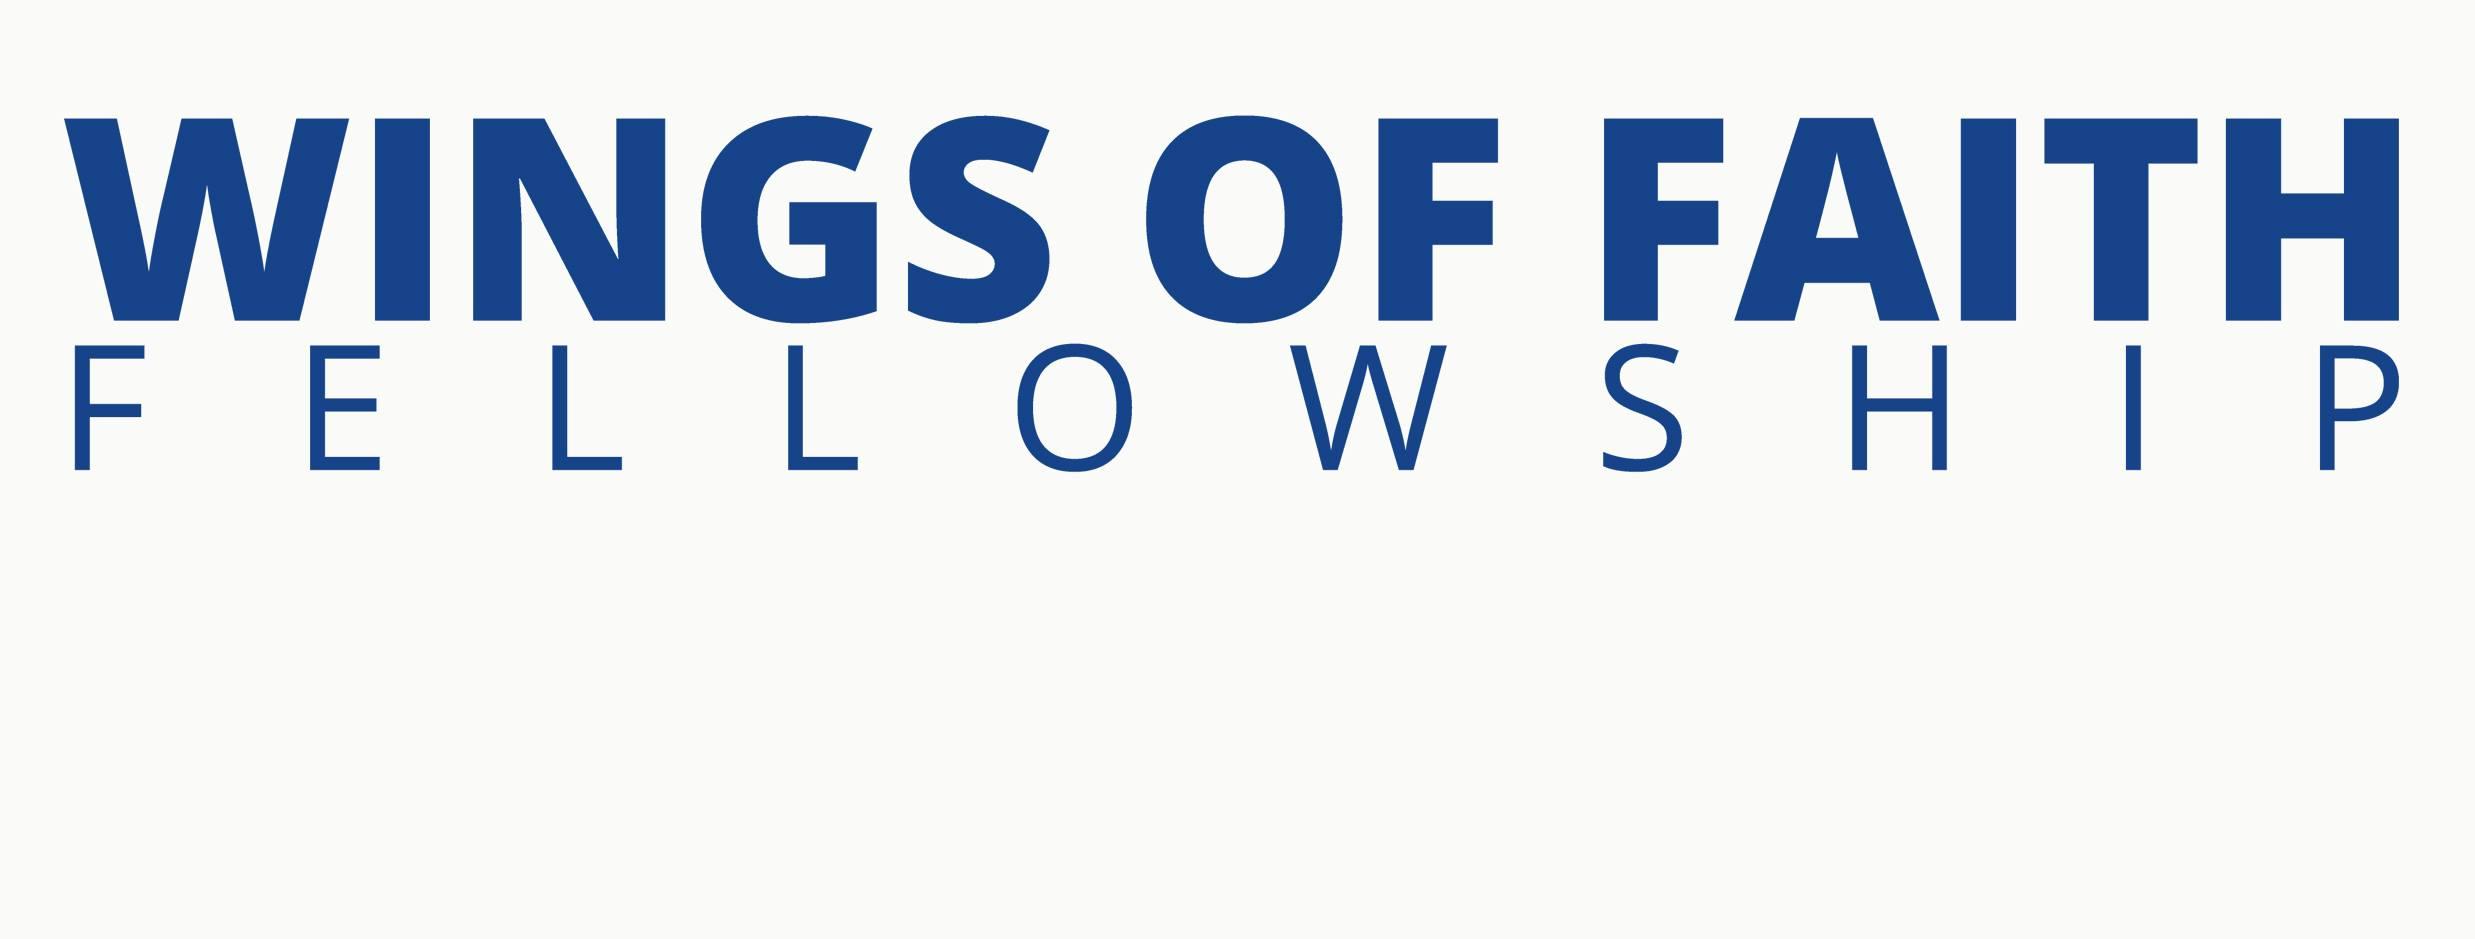 Wings of Faith Fellowship Church of God